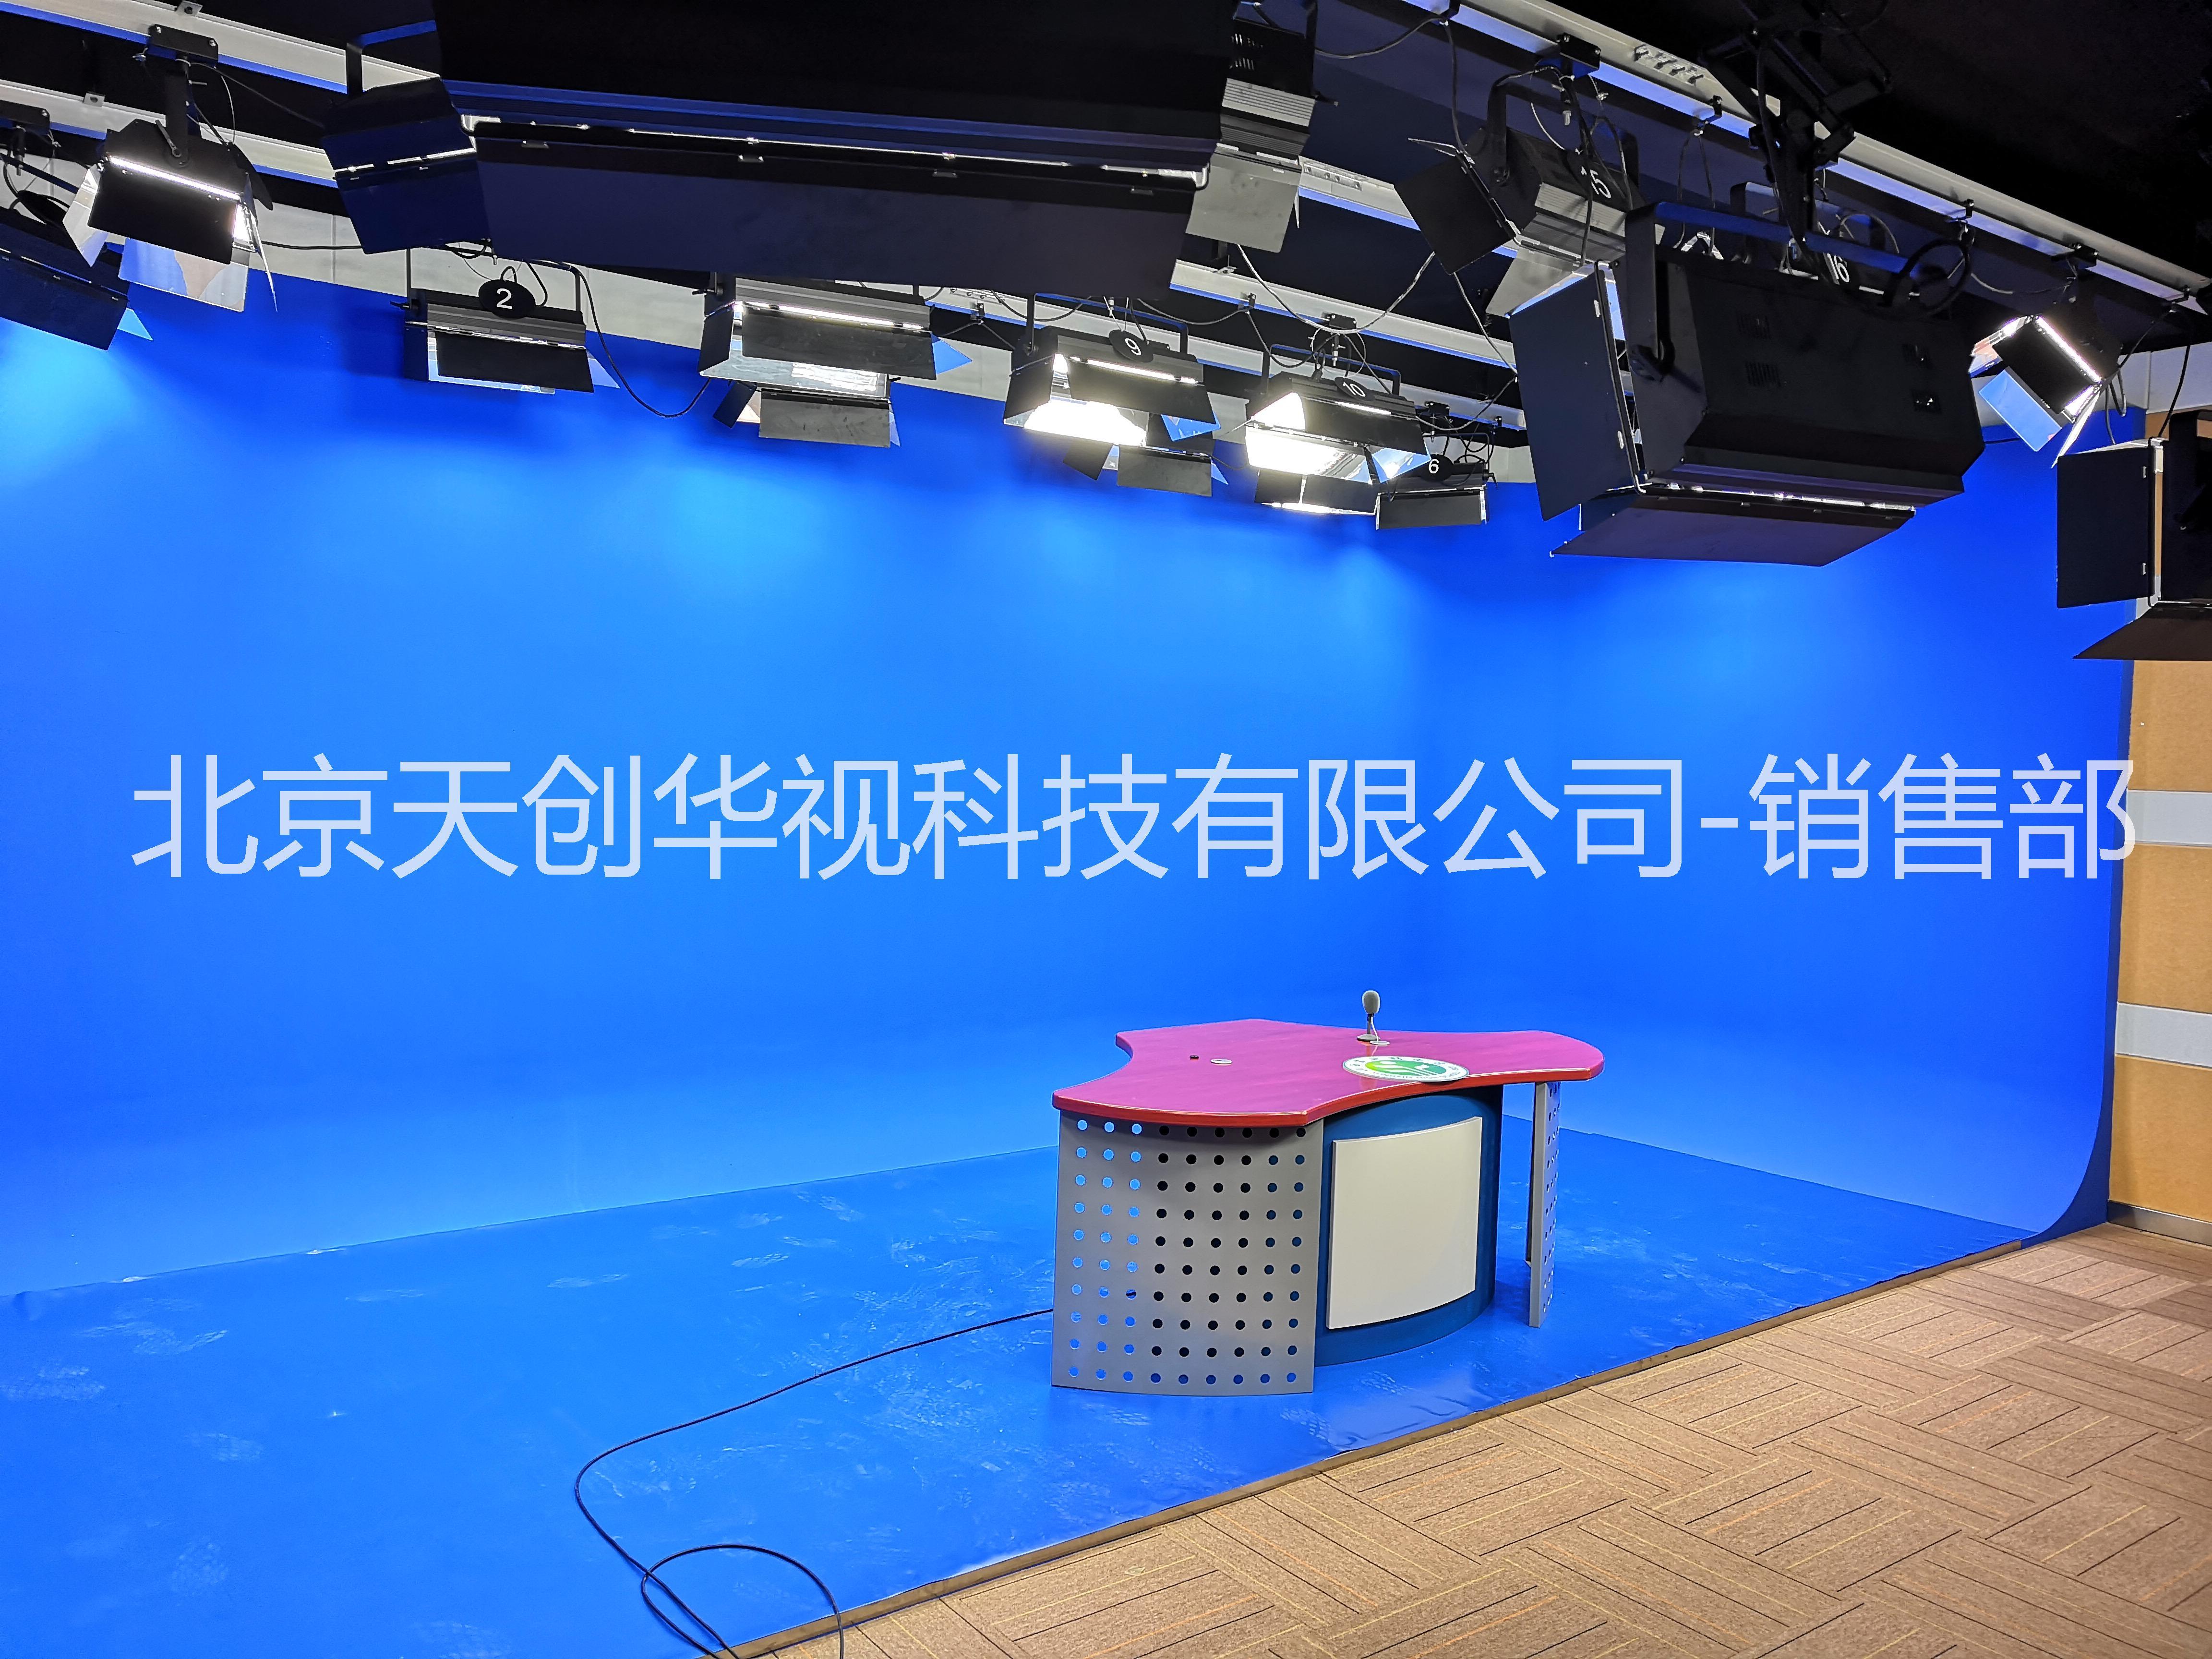 校园电视台 校园电视台方案设计策划